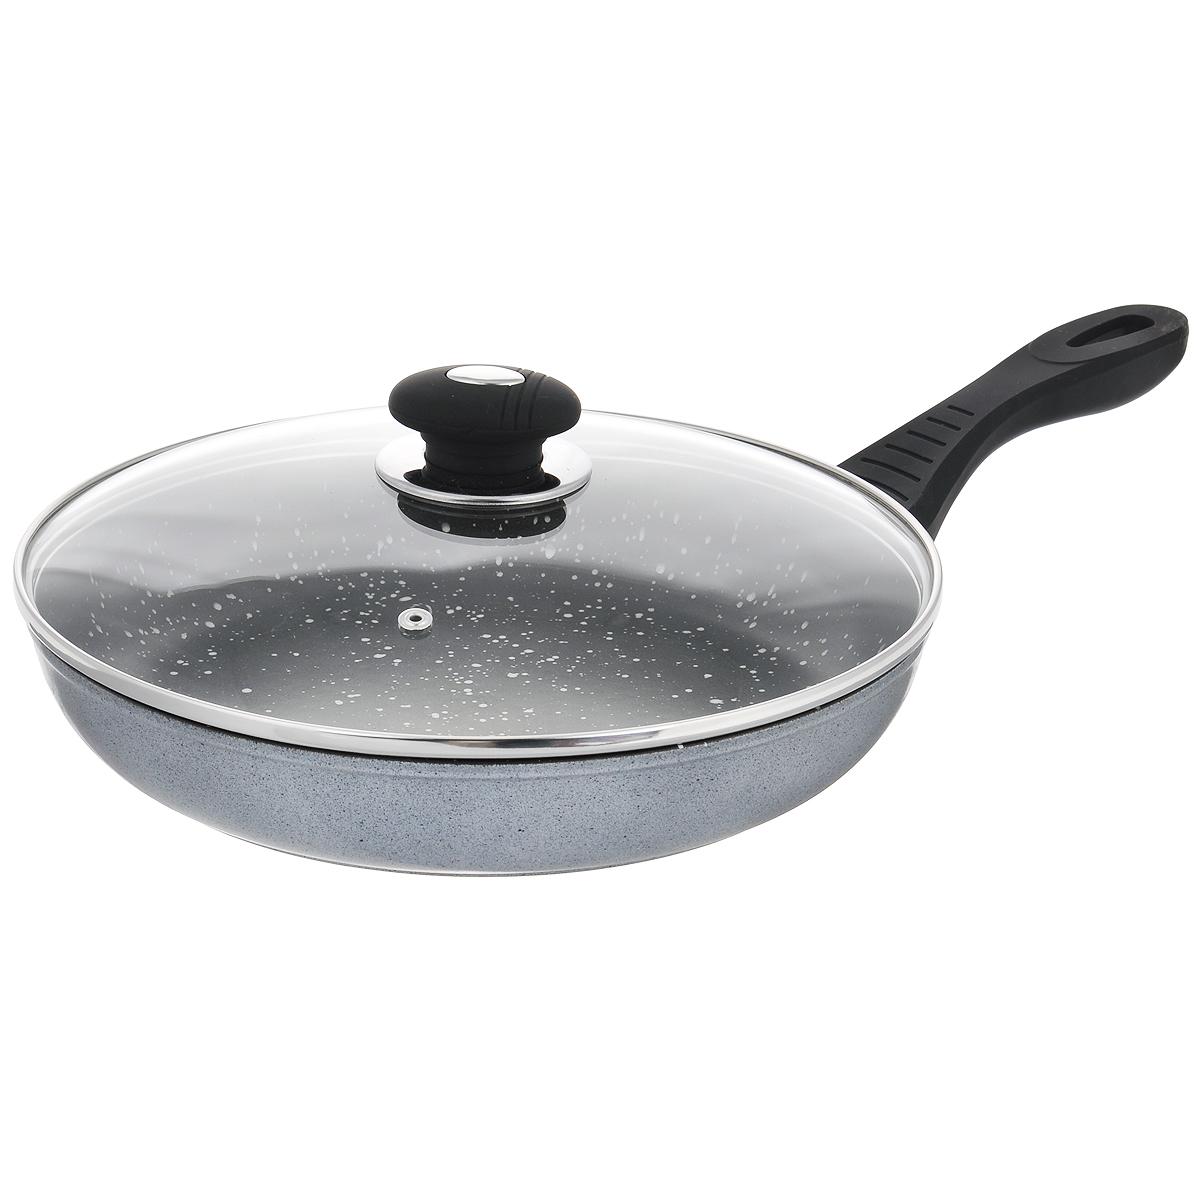 Сковорода Winner с крышкой, с антипригарным покрытием, цвет: серый. Диаметр 28 см. WR-6147 сковорода с крышкой winner wr 6161